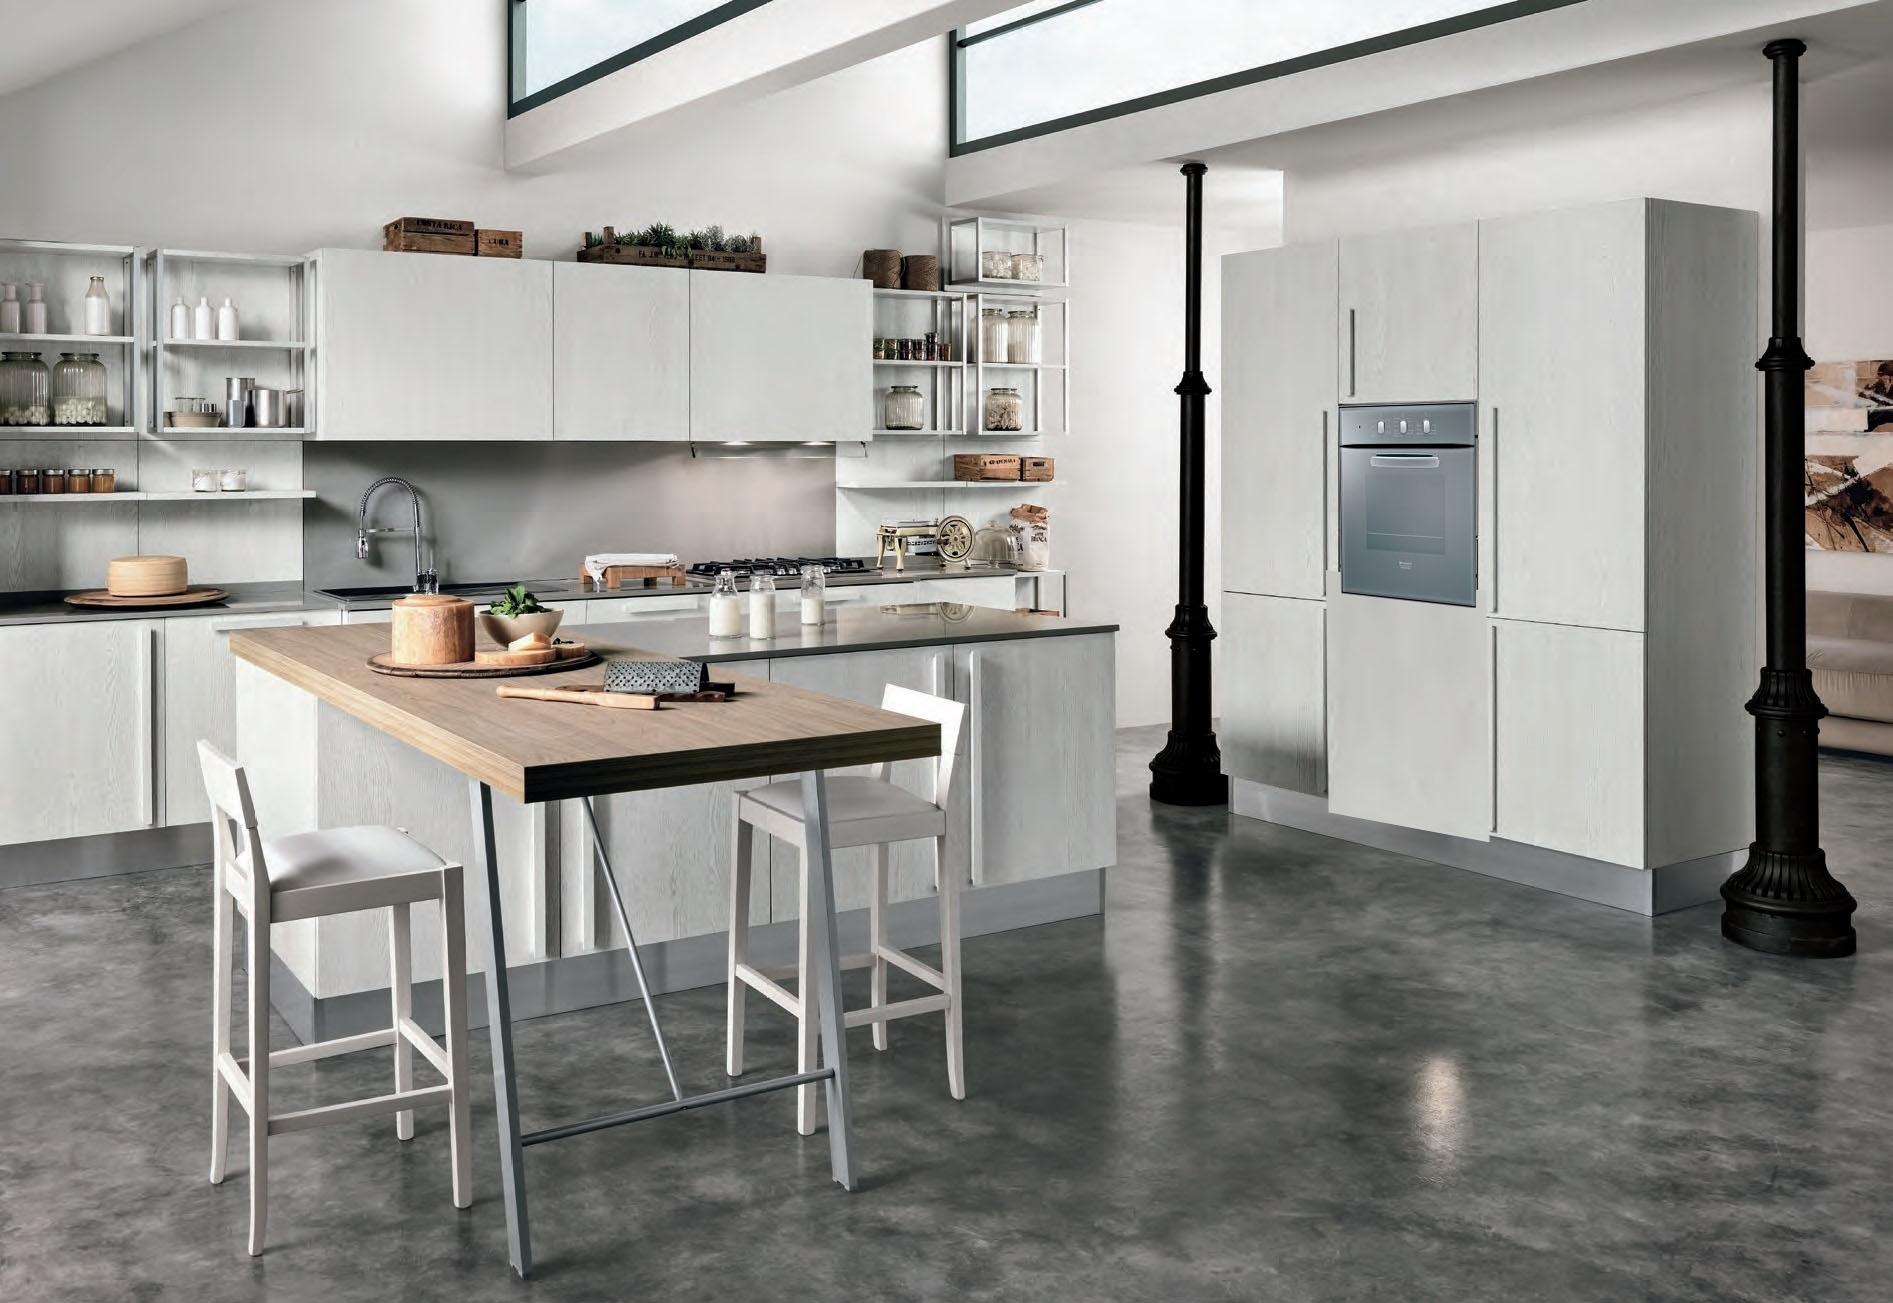 Cucina come foto in offerta con isola outlet nuovimondi - Cucina isola ikea ...